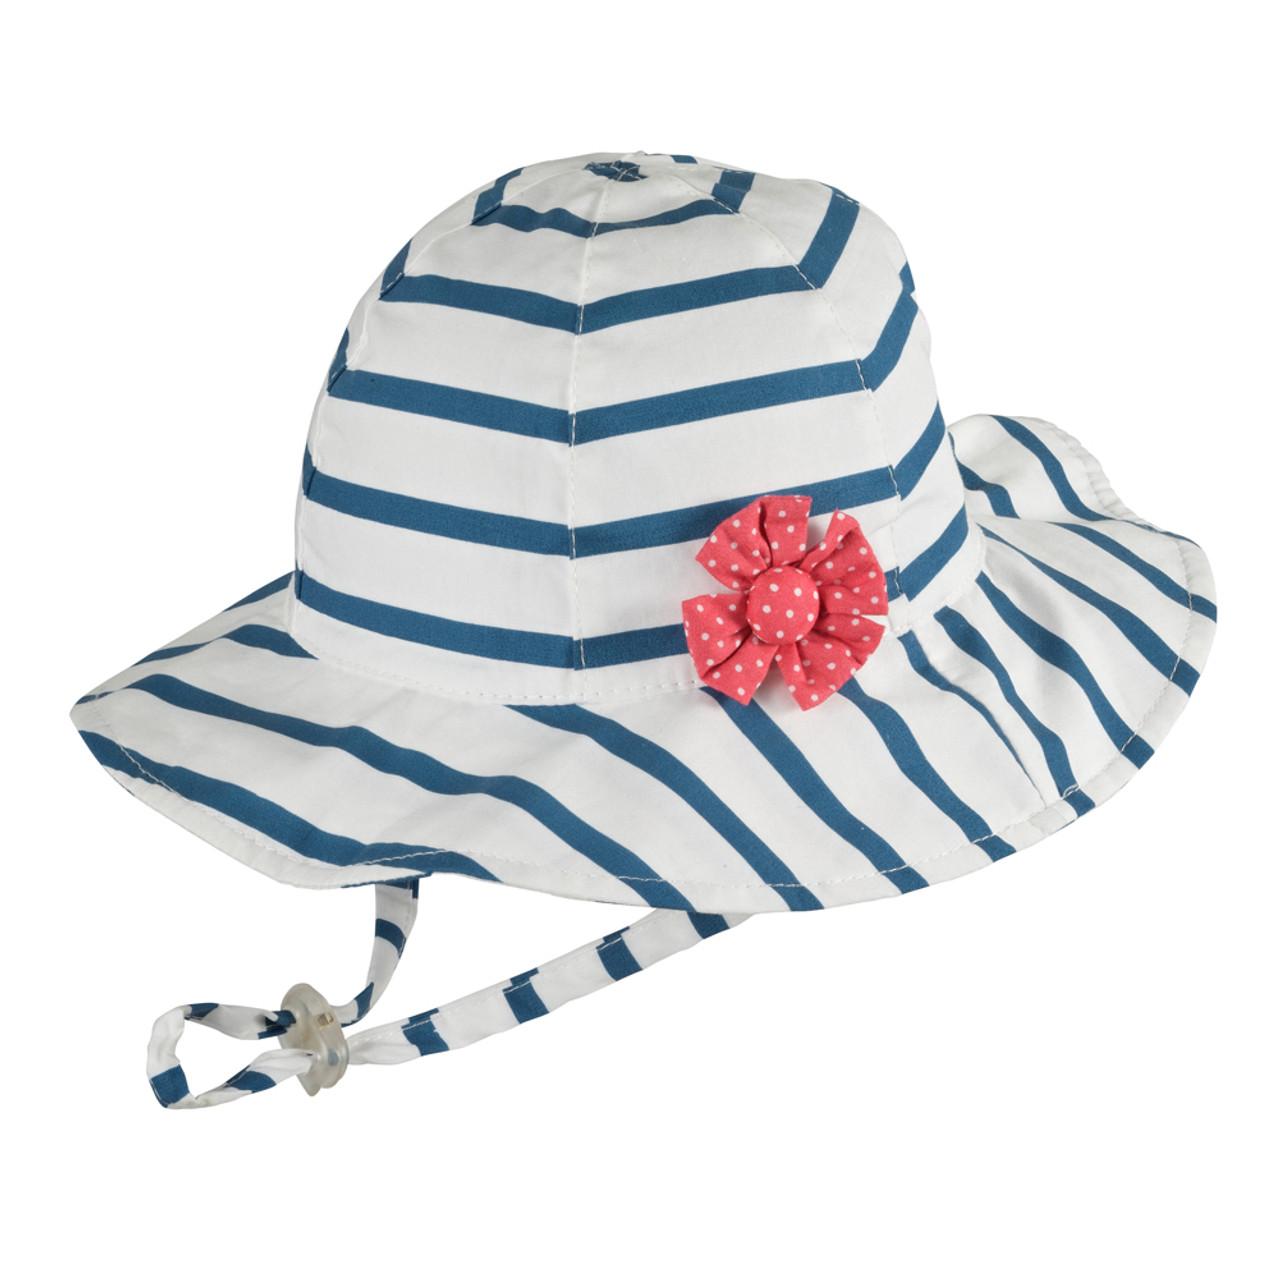 Milly Mook Summery Girls Bucket Hat - Skipper (SM) - Dear-Born Baby 8ae9ac5661c